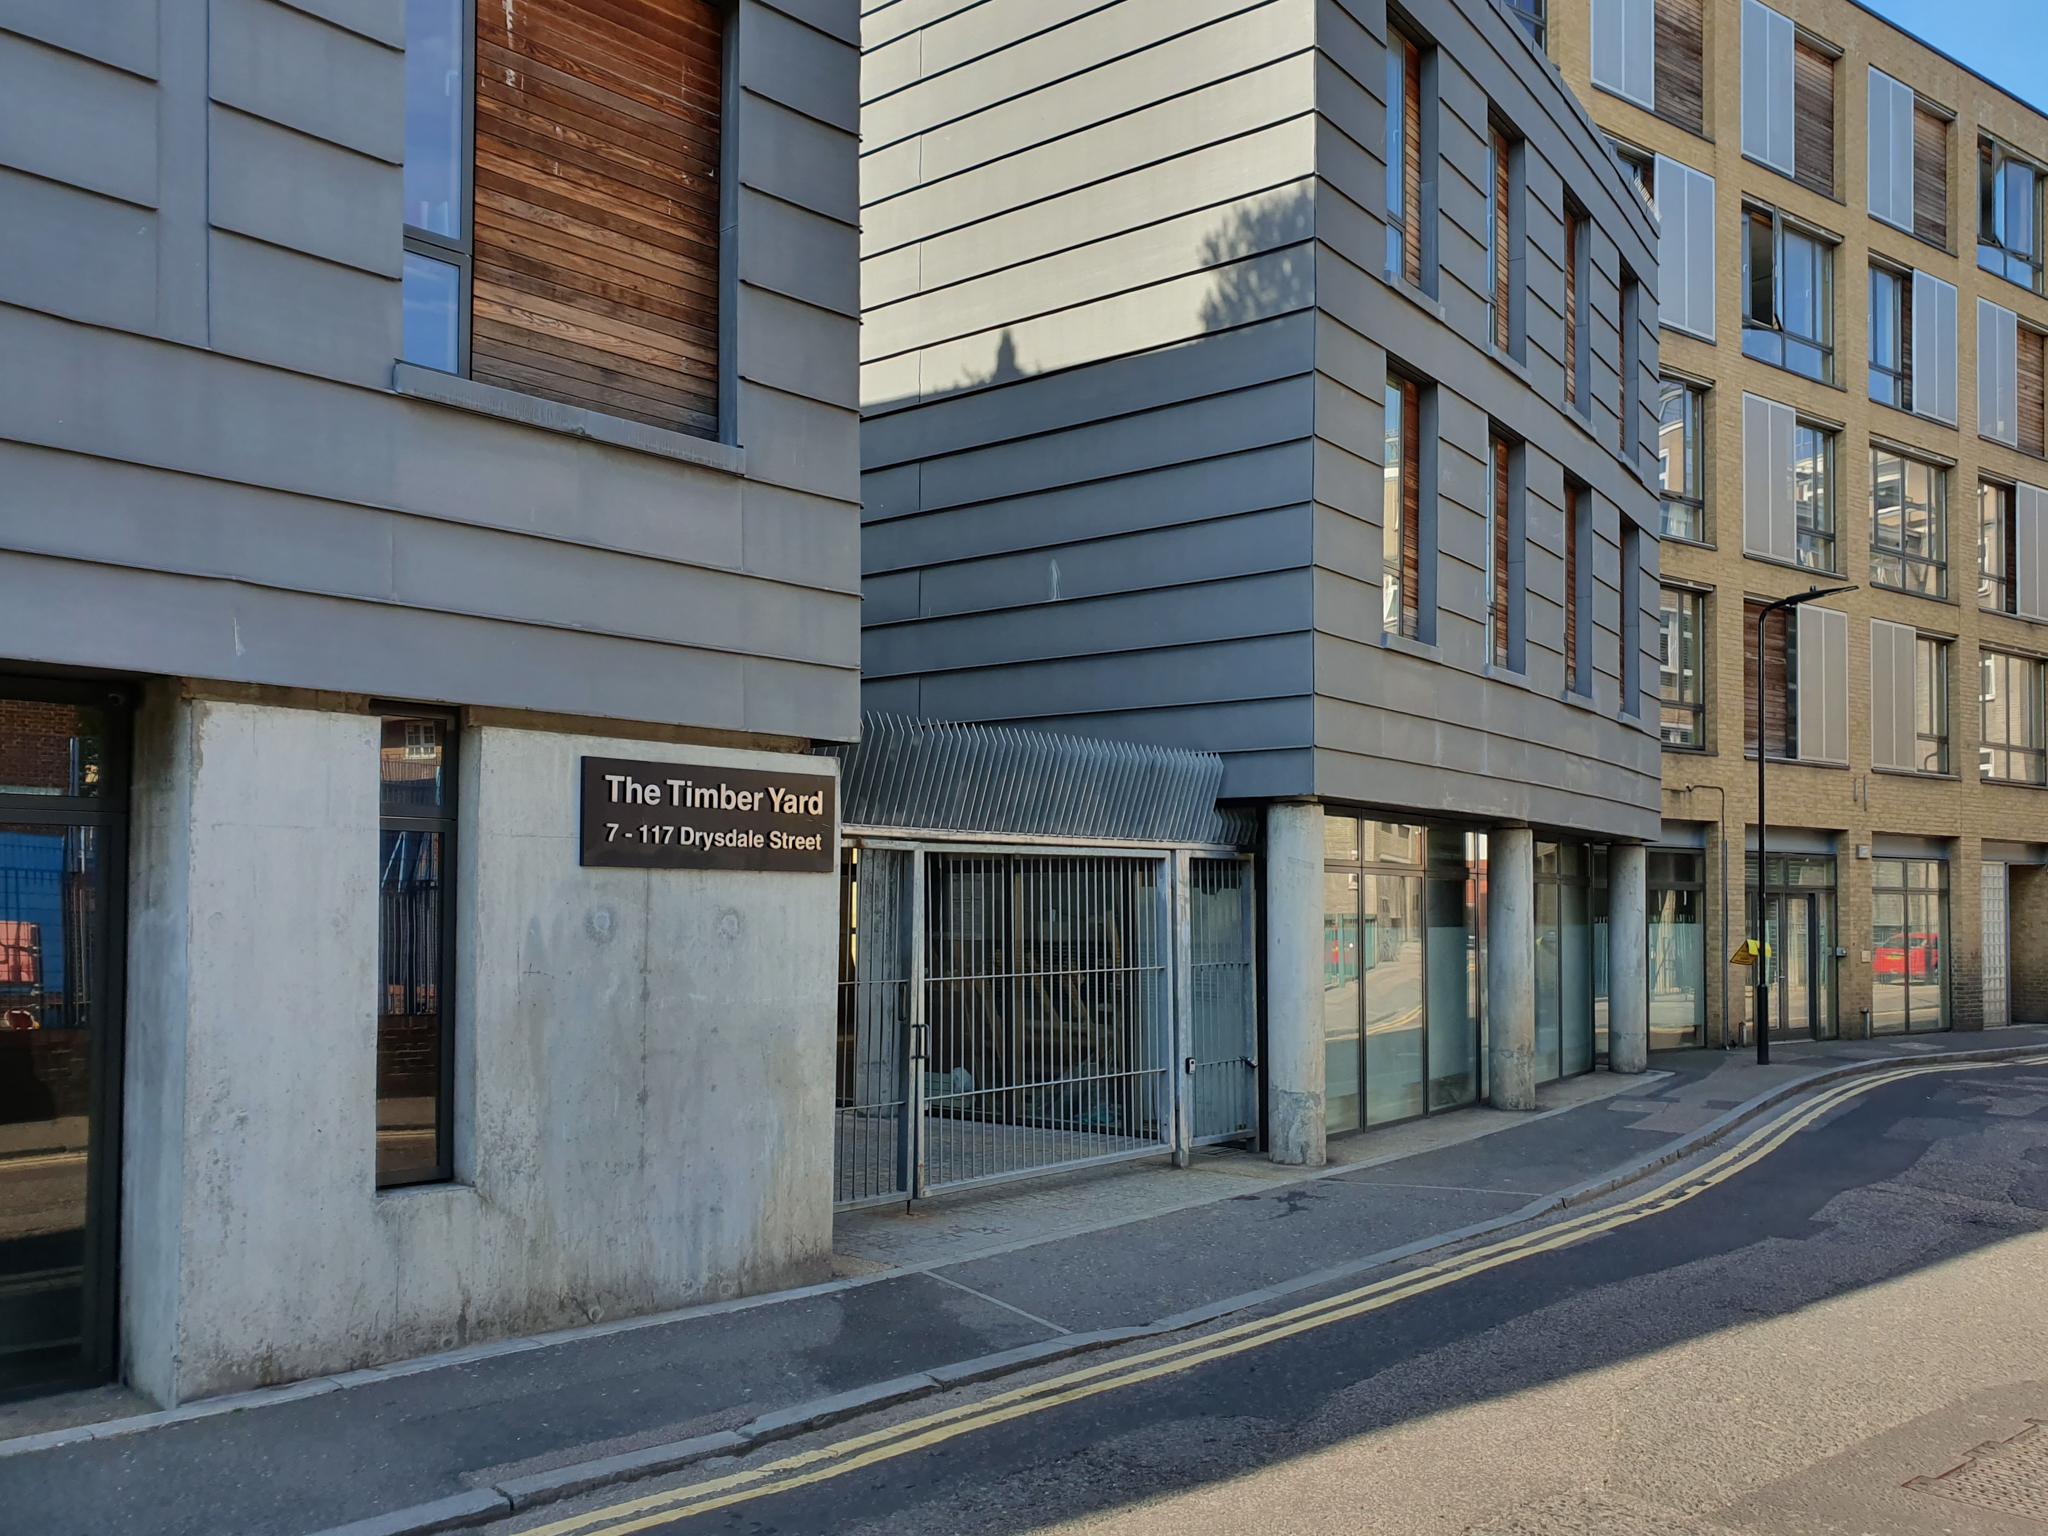 <b> NEW INSTRUCTION - The Timber Yard, London N1 <b>